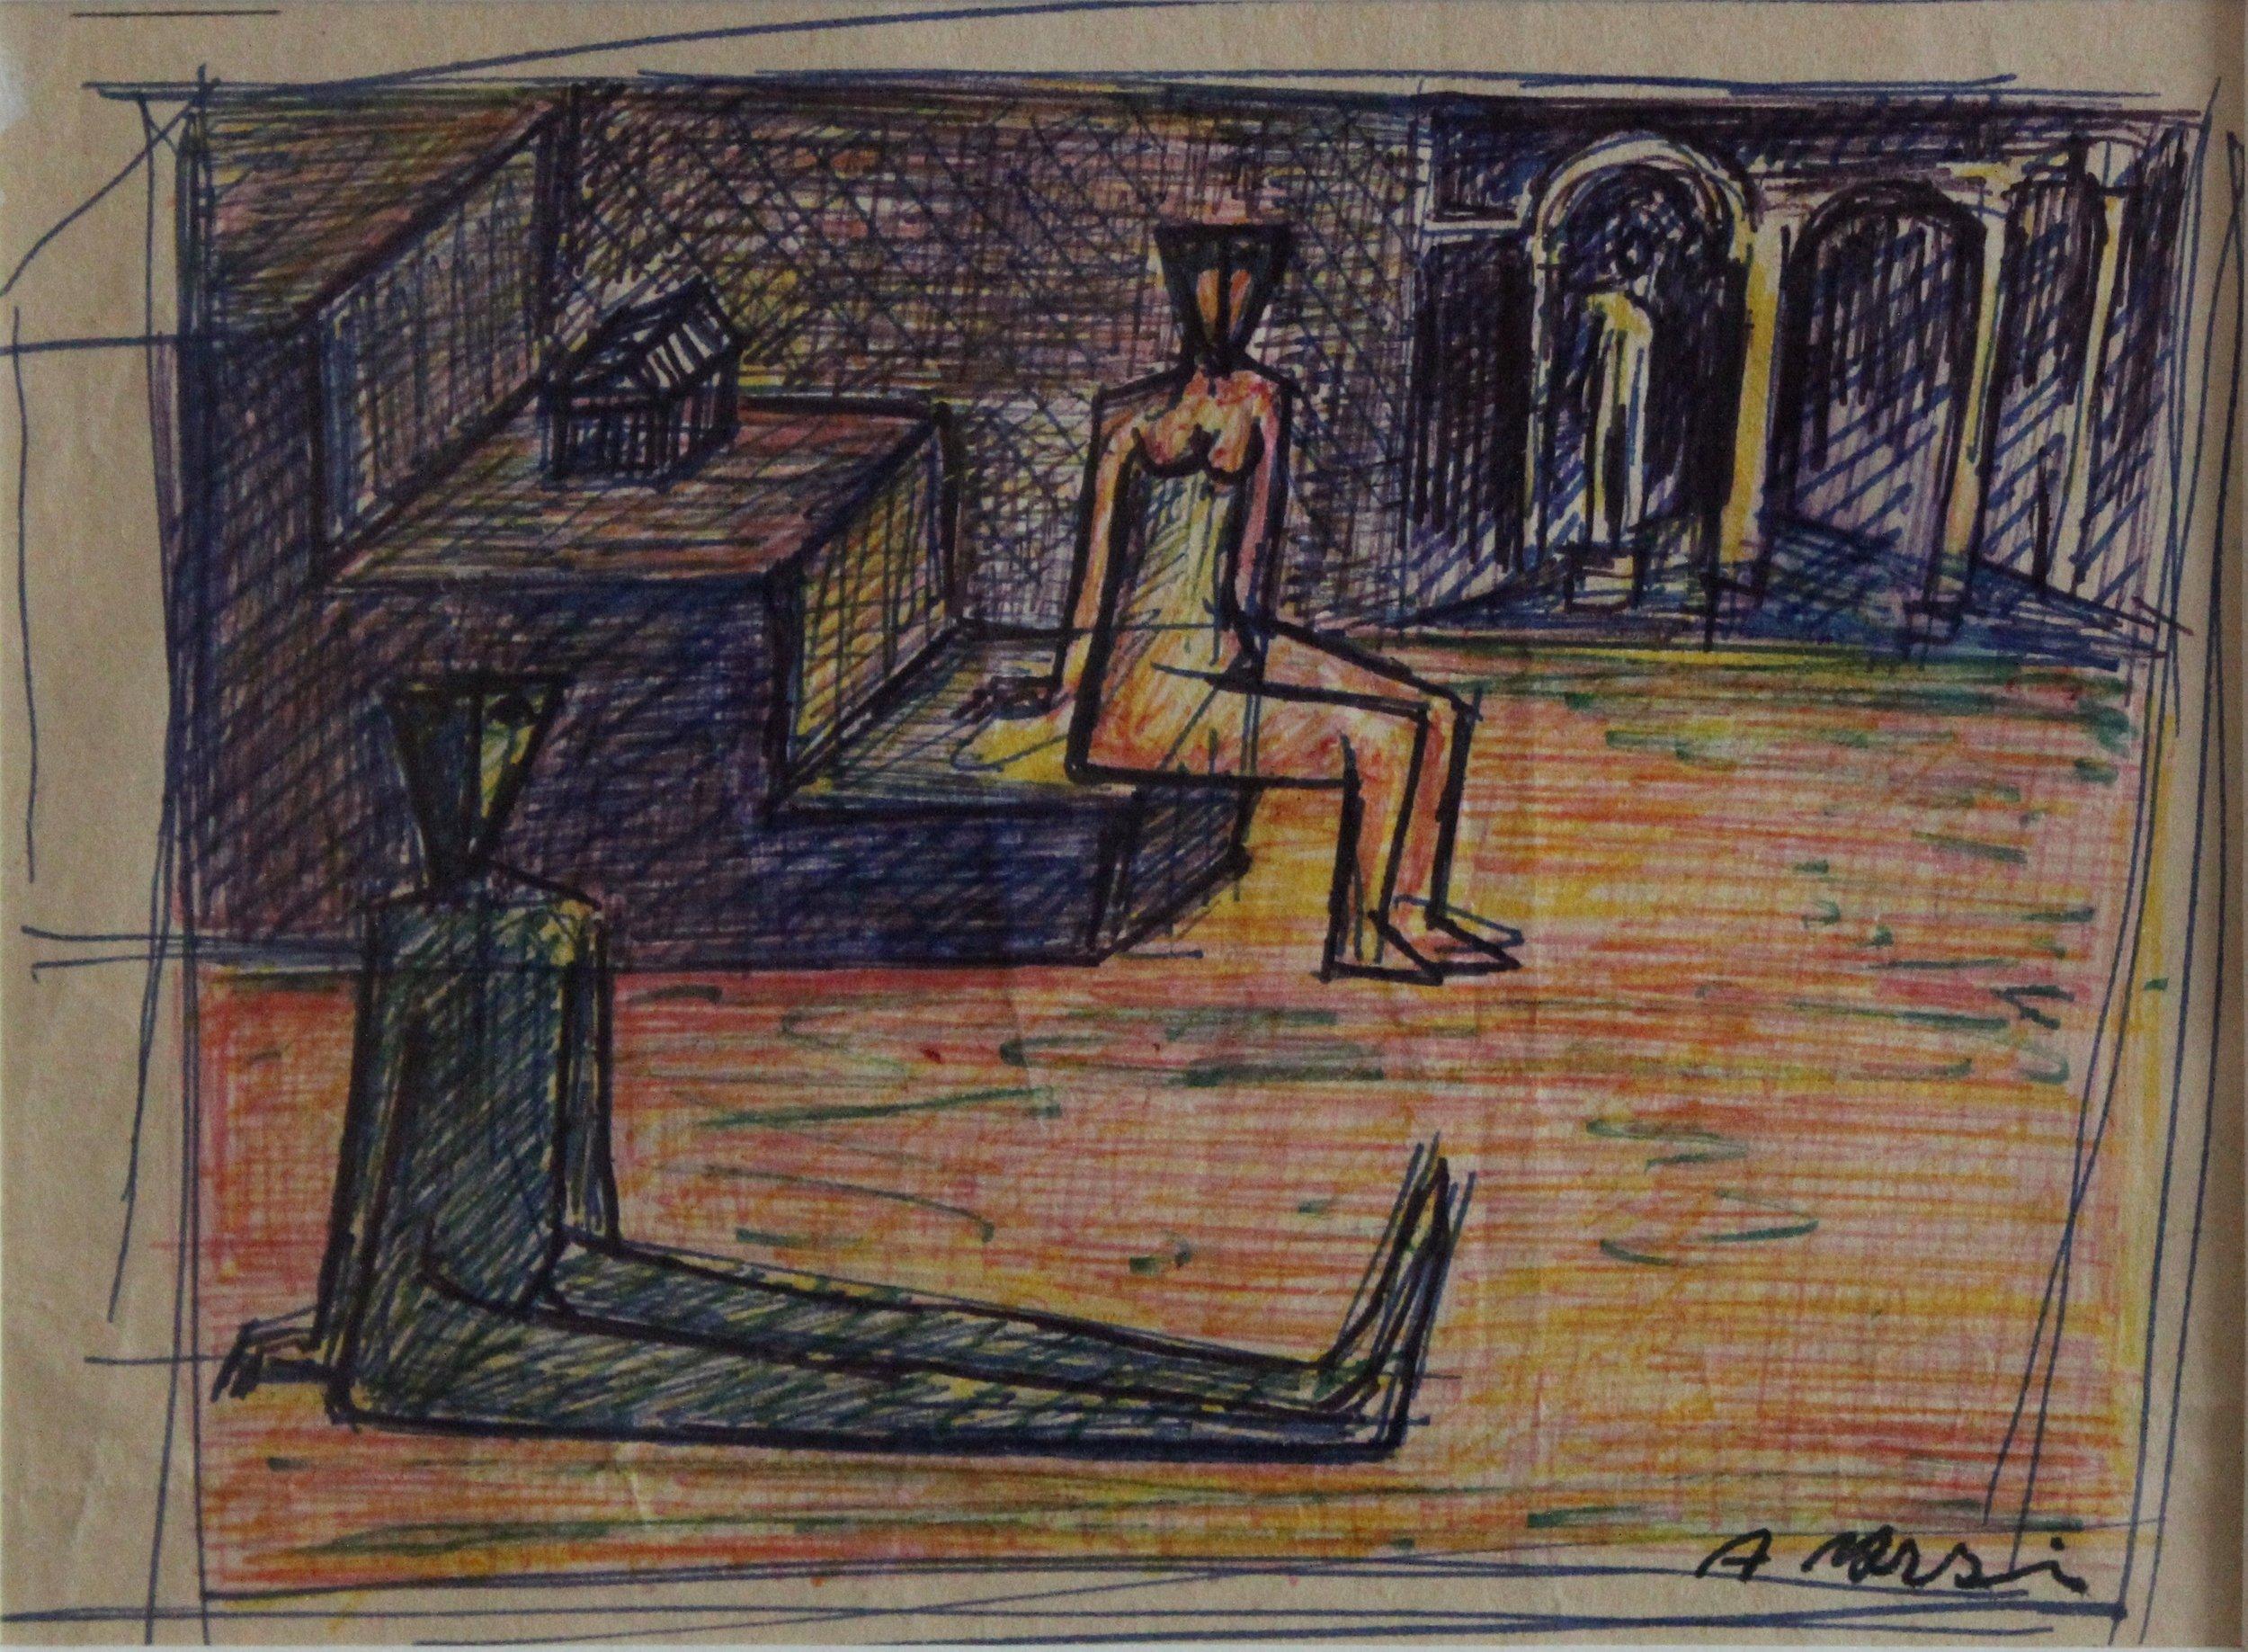 Ahmed_Morsi_(Cairo)_Drawings4.jpg